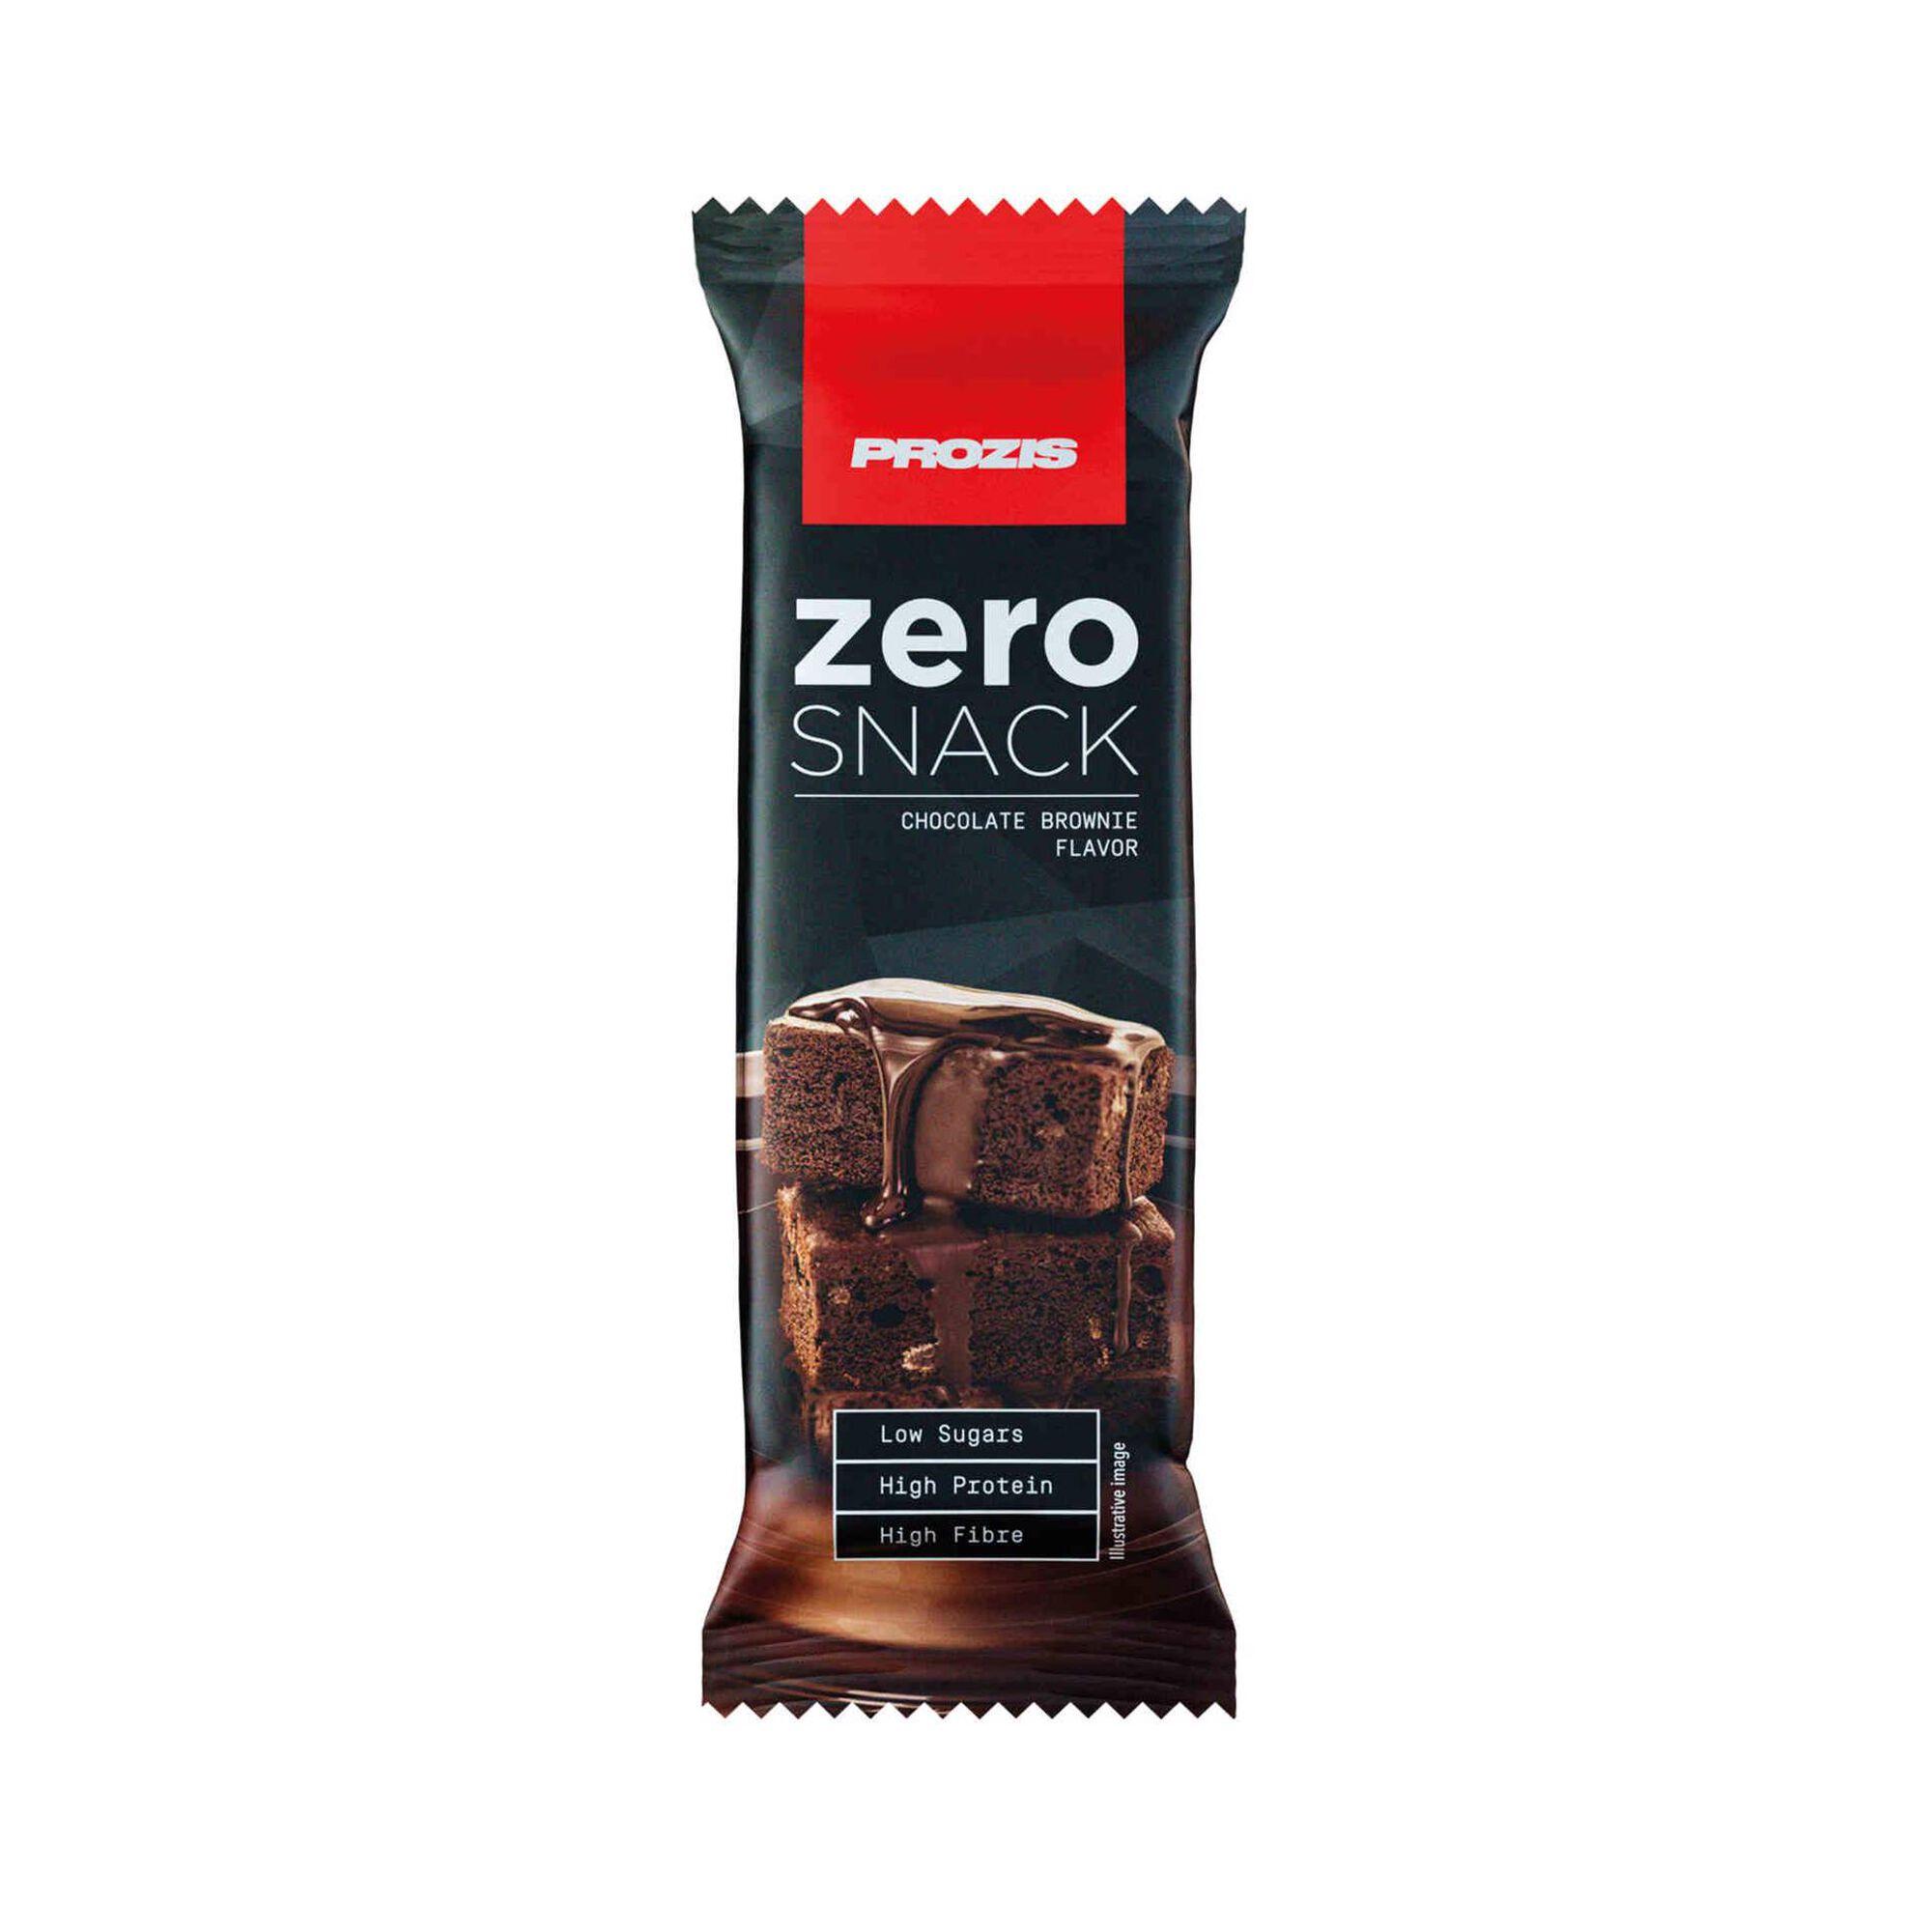 Snack Zero Chocolate Brownie